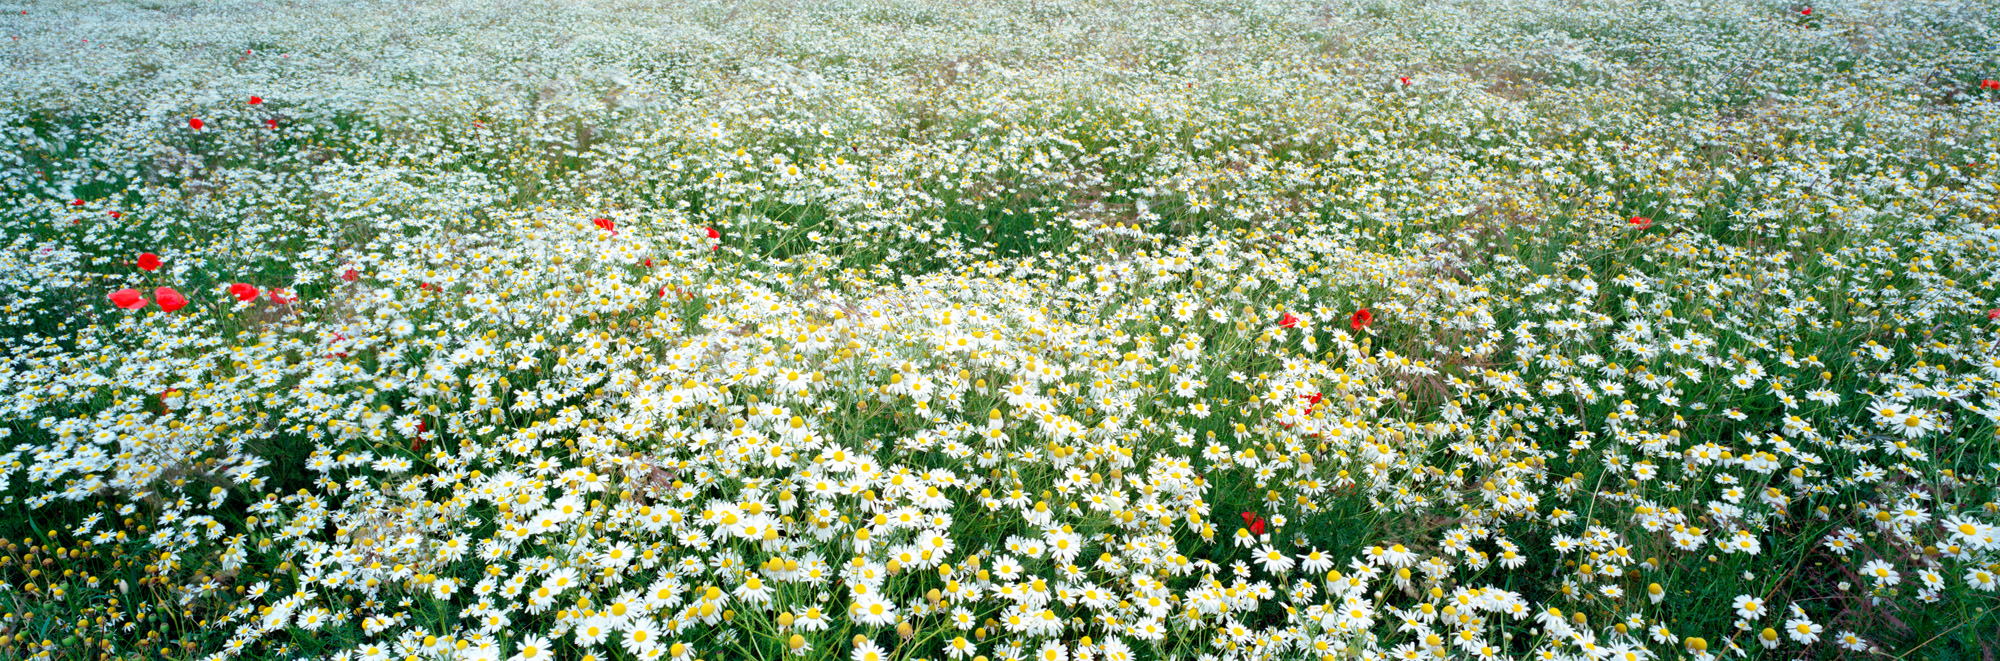 Brachland, Landschaft, Natur, analoge Fotografie, Großformat, Panoramafotografie, Markus Bollen, 6x17, grün, Leben, Wachstum, Frieden, Ruhe, Wiese, Rasen, Langzeitbelichtung,